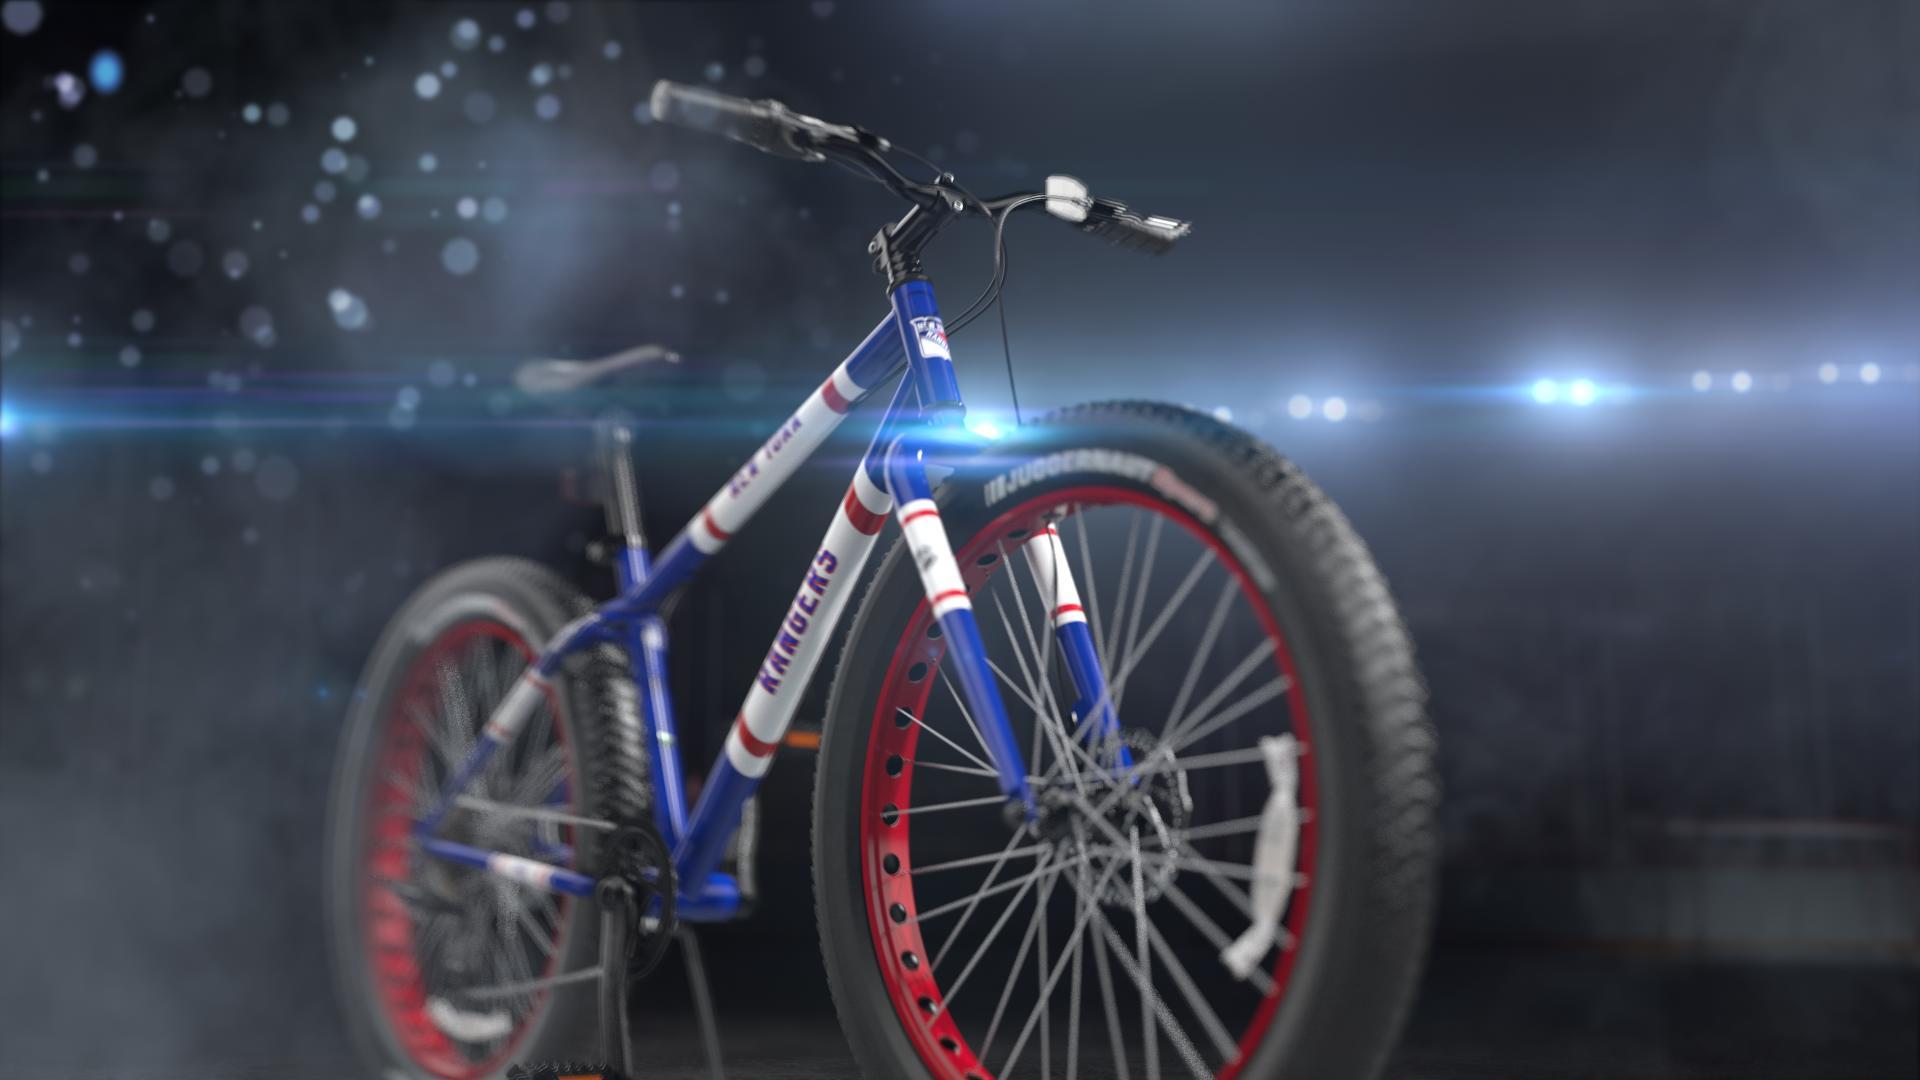 fatbike1.0924